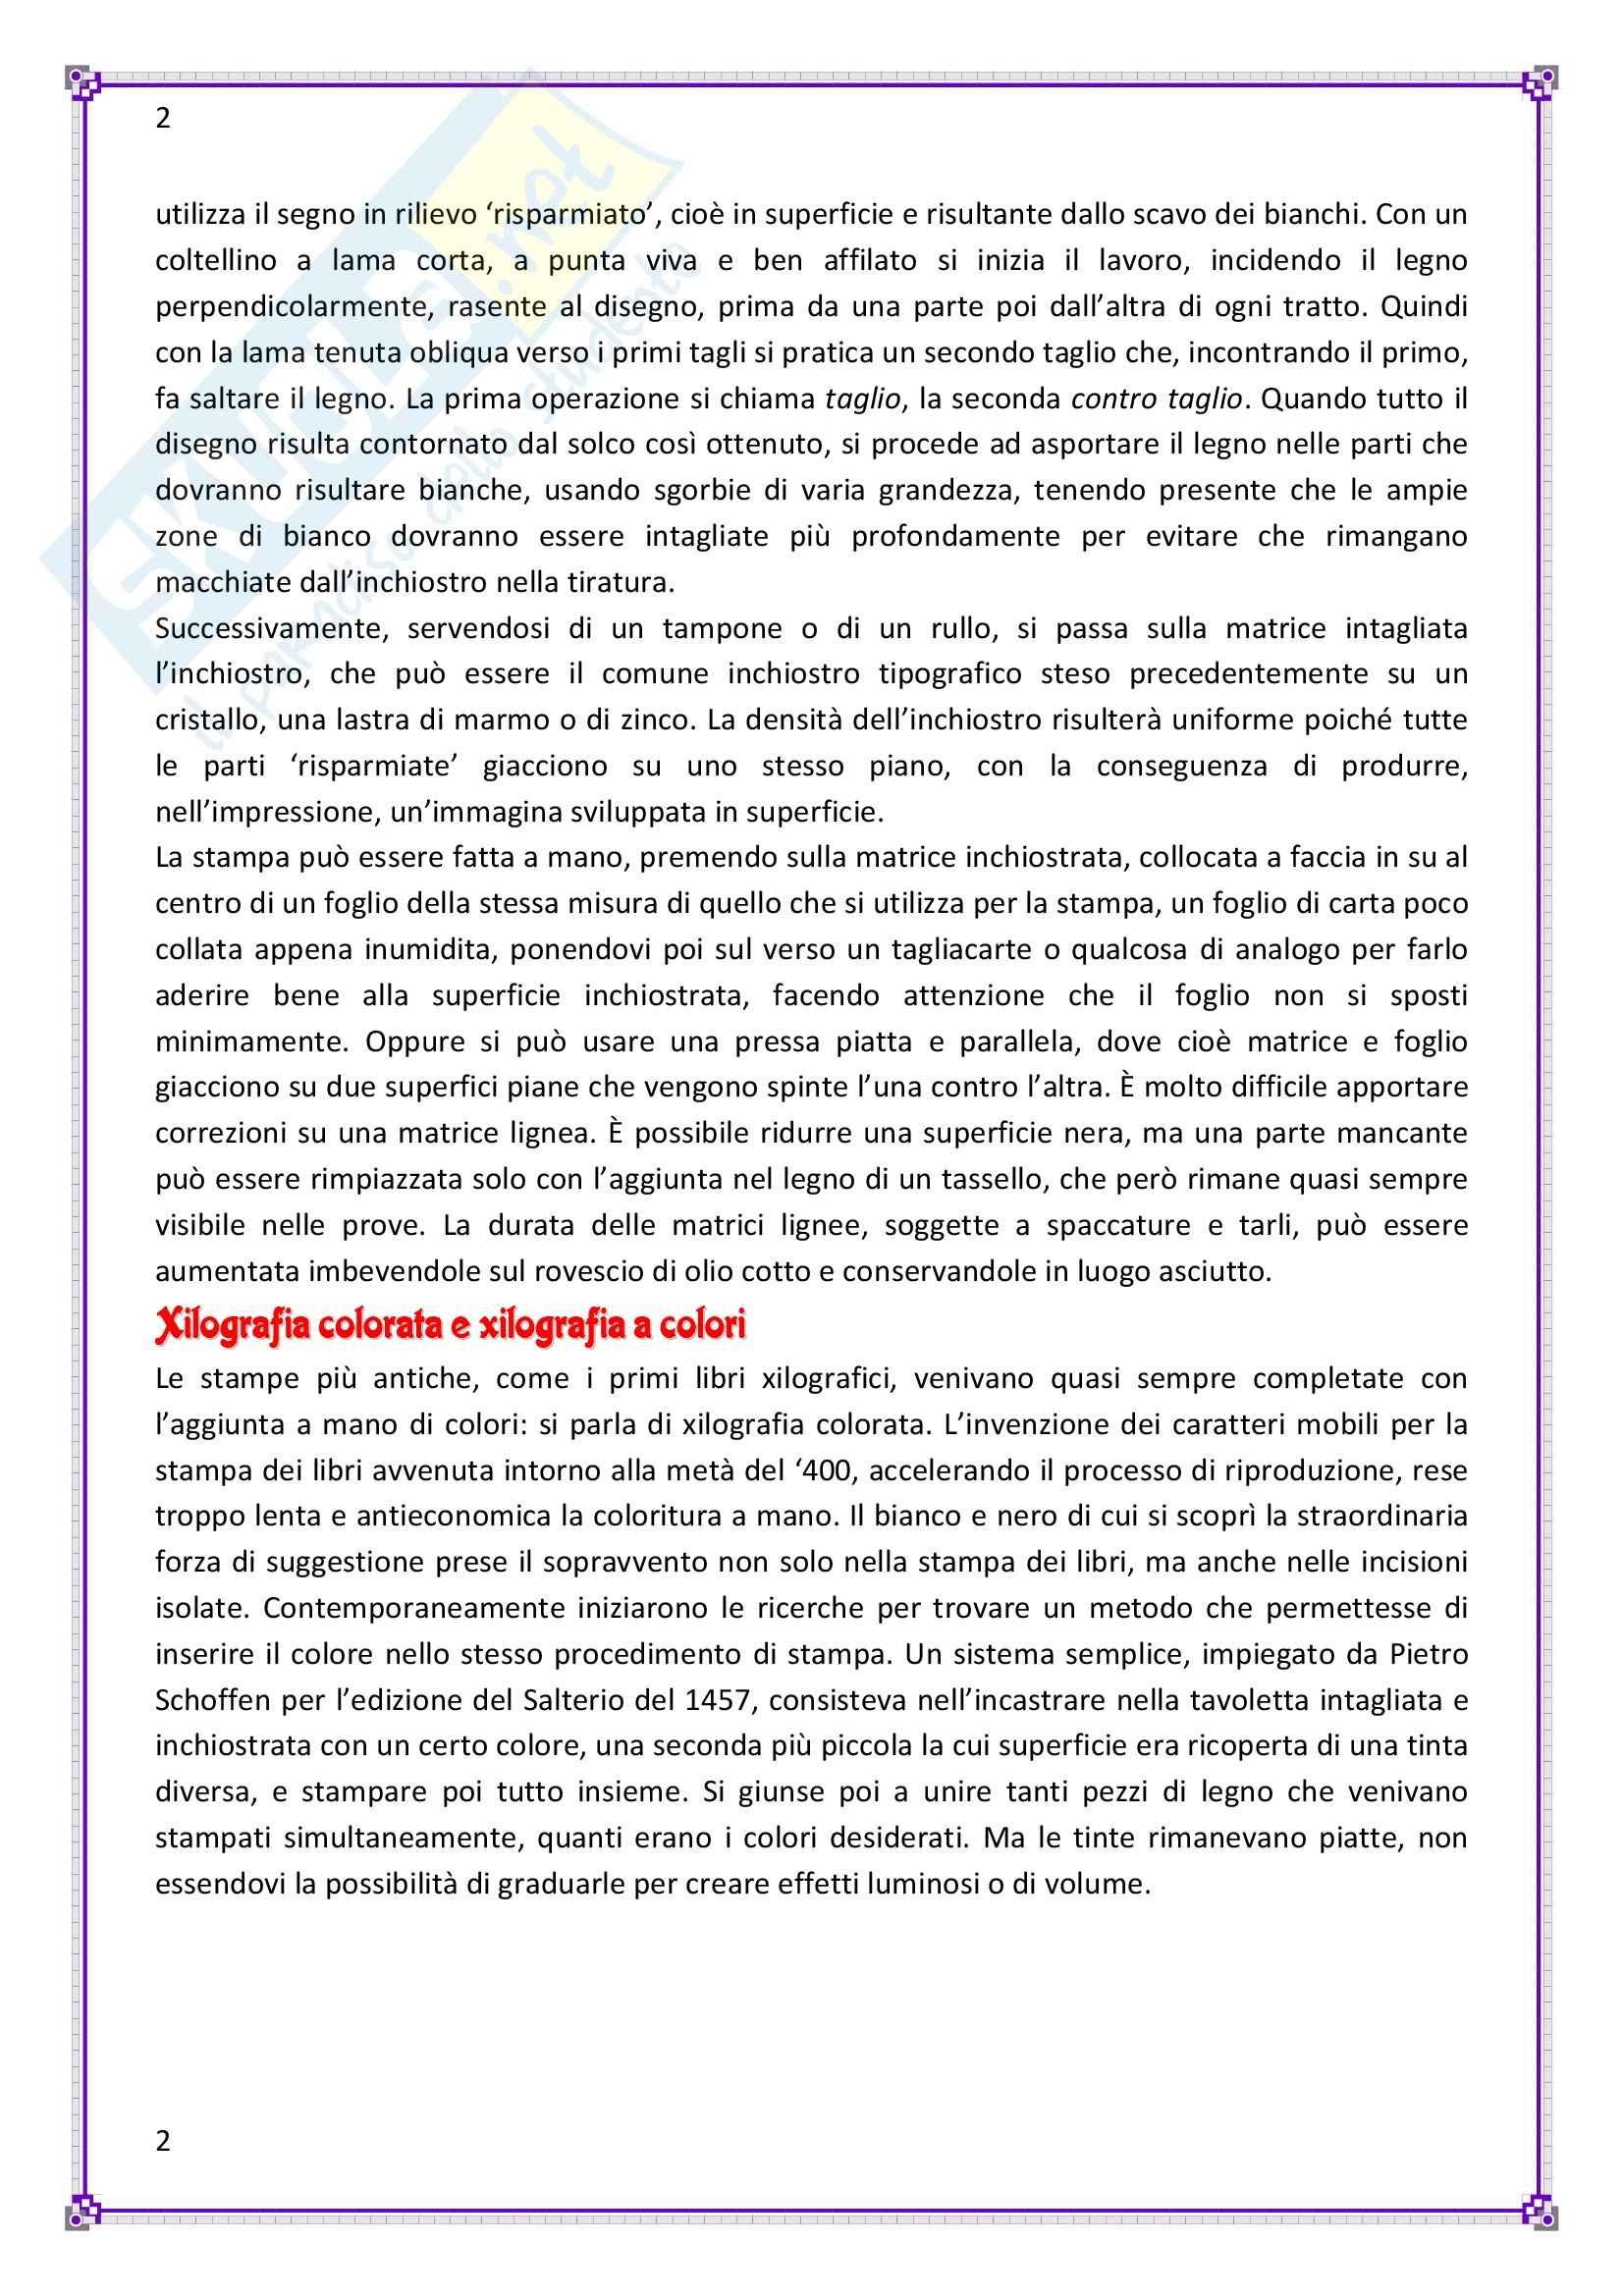 Storia dell'incisione, decorazione e illustrazione del libro - Appunti Pag. 2